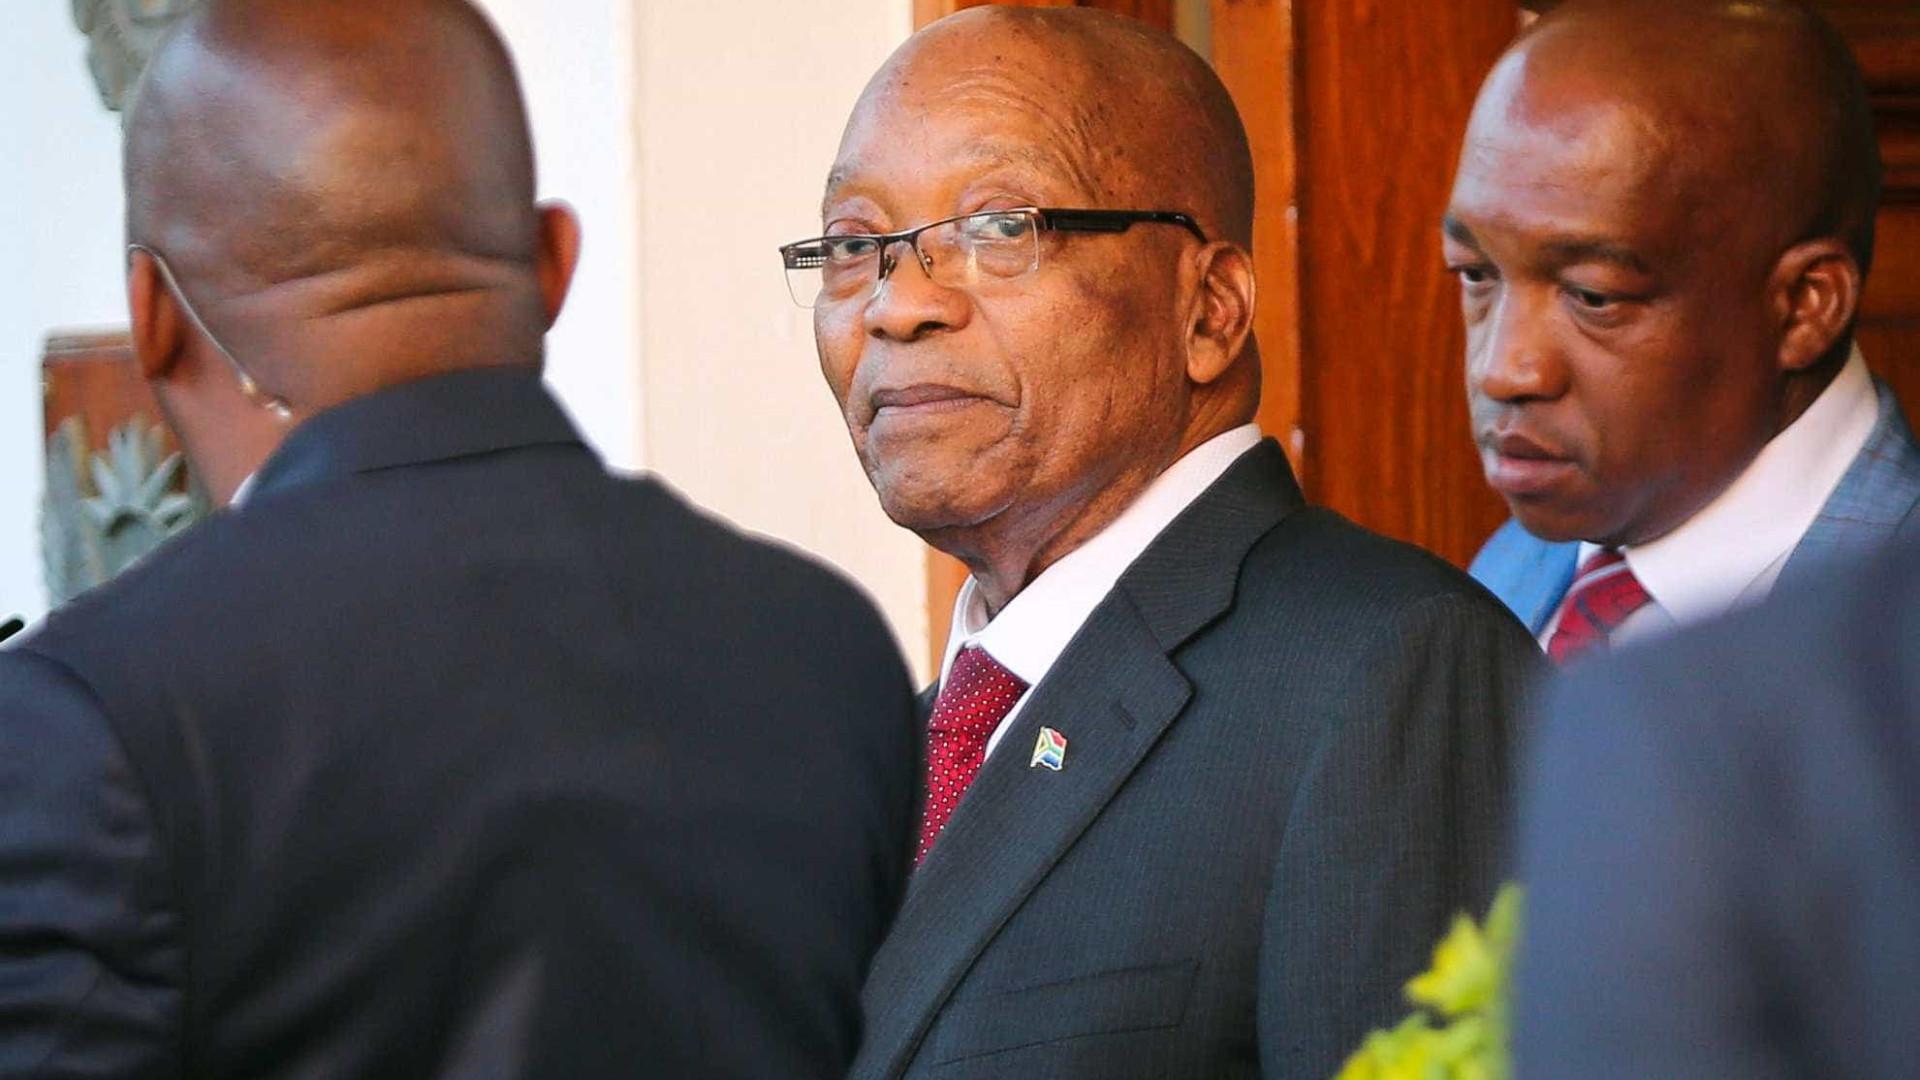 Alvo de 800 acusações, Zuma diz que pedido de renúncia é injusto